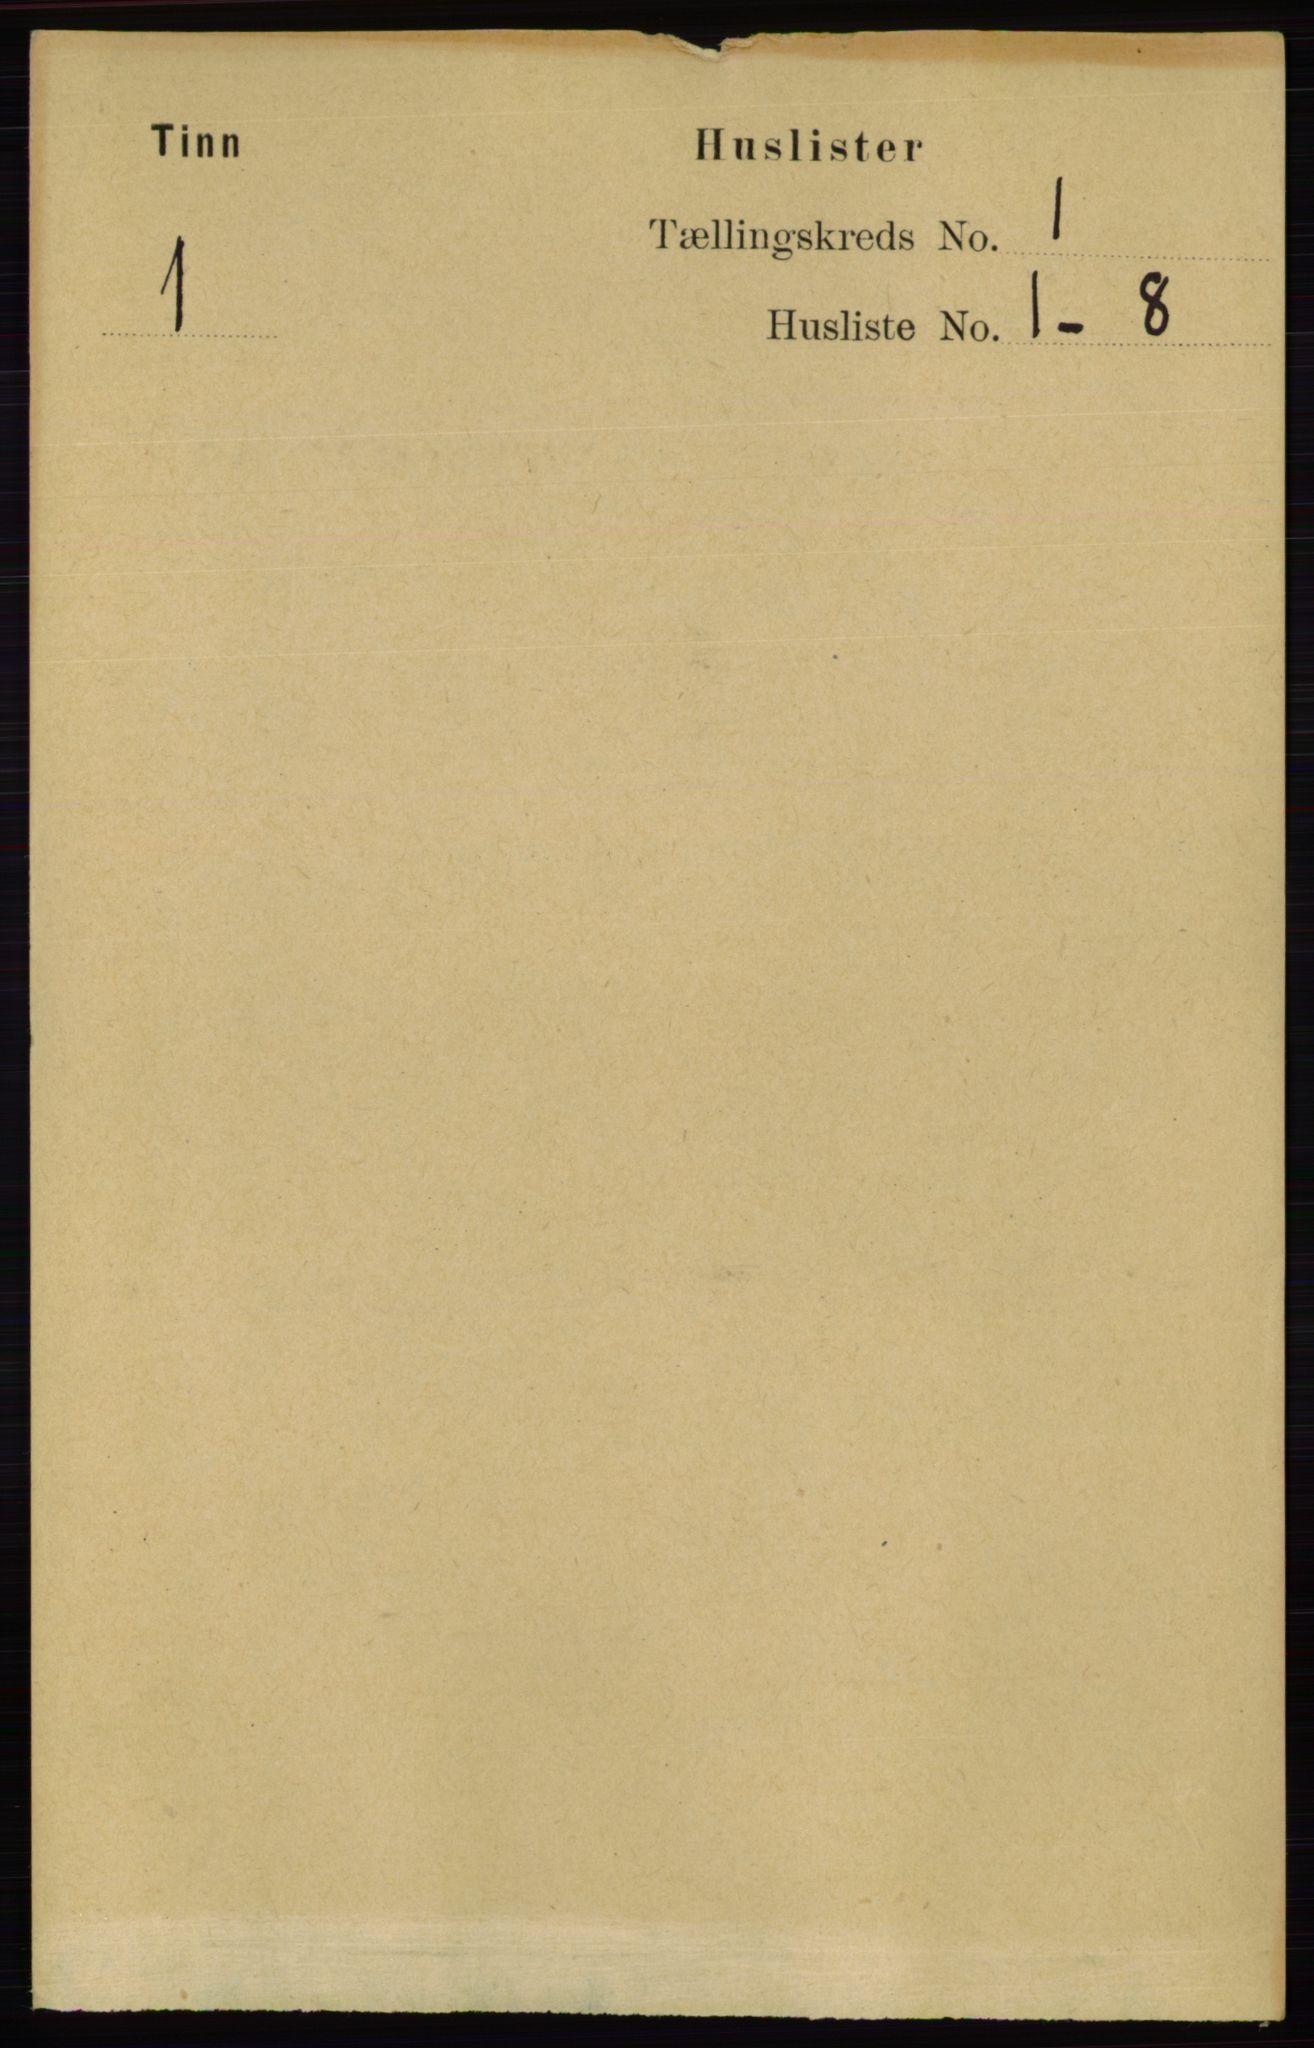 RA, Folketelling 1891 for 0826 Tinn herred, 1891, s. 36